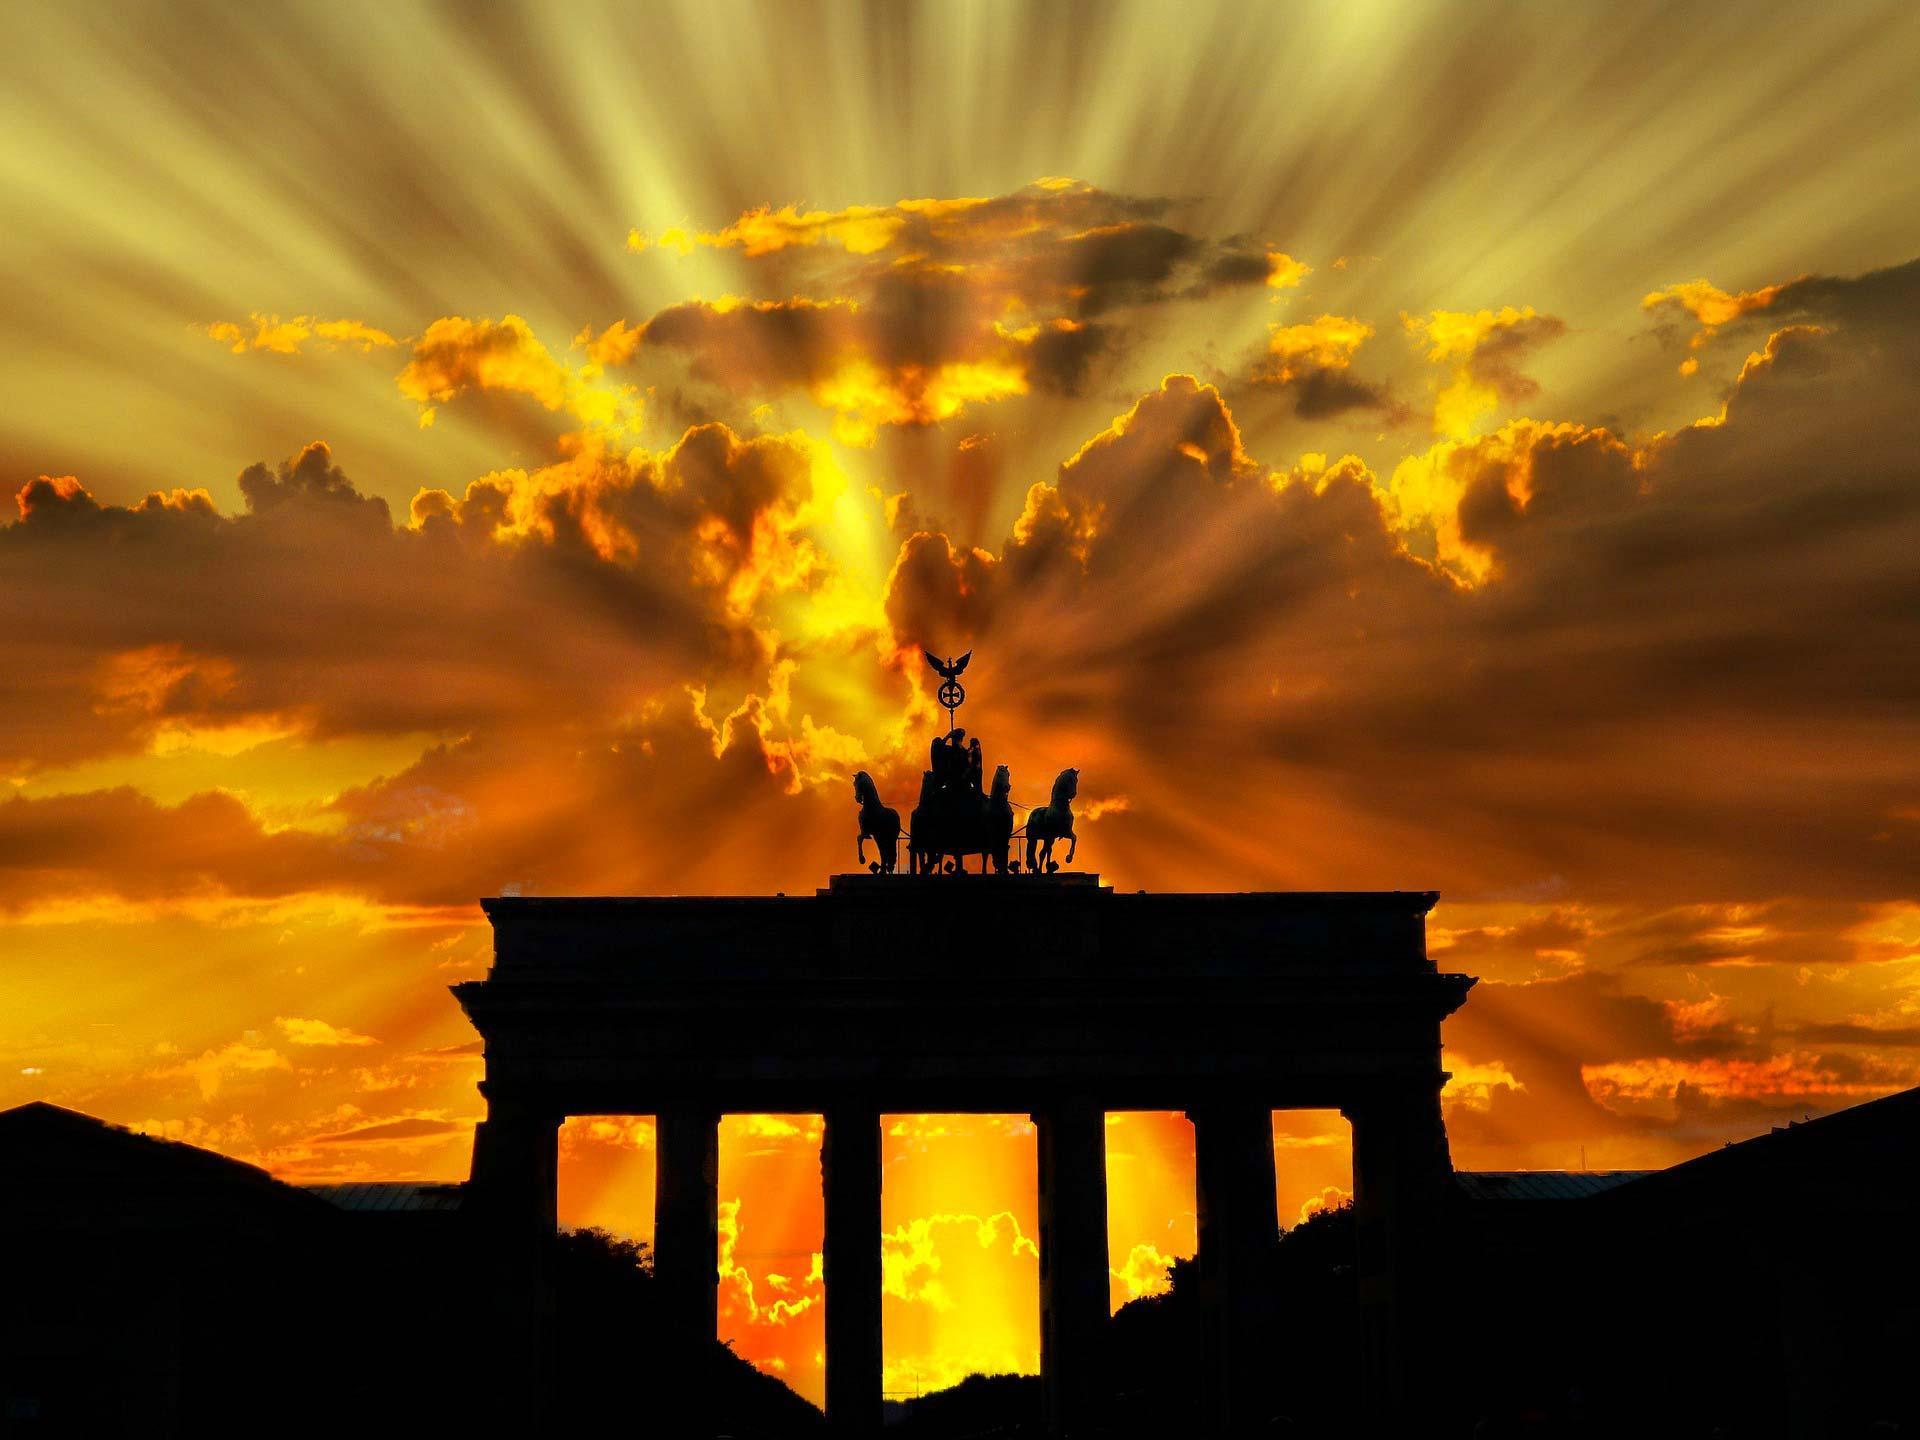 I corsi di tedesco sono importanti per conoscere una lingua fondamentale nel lavoro.